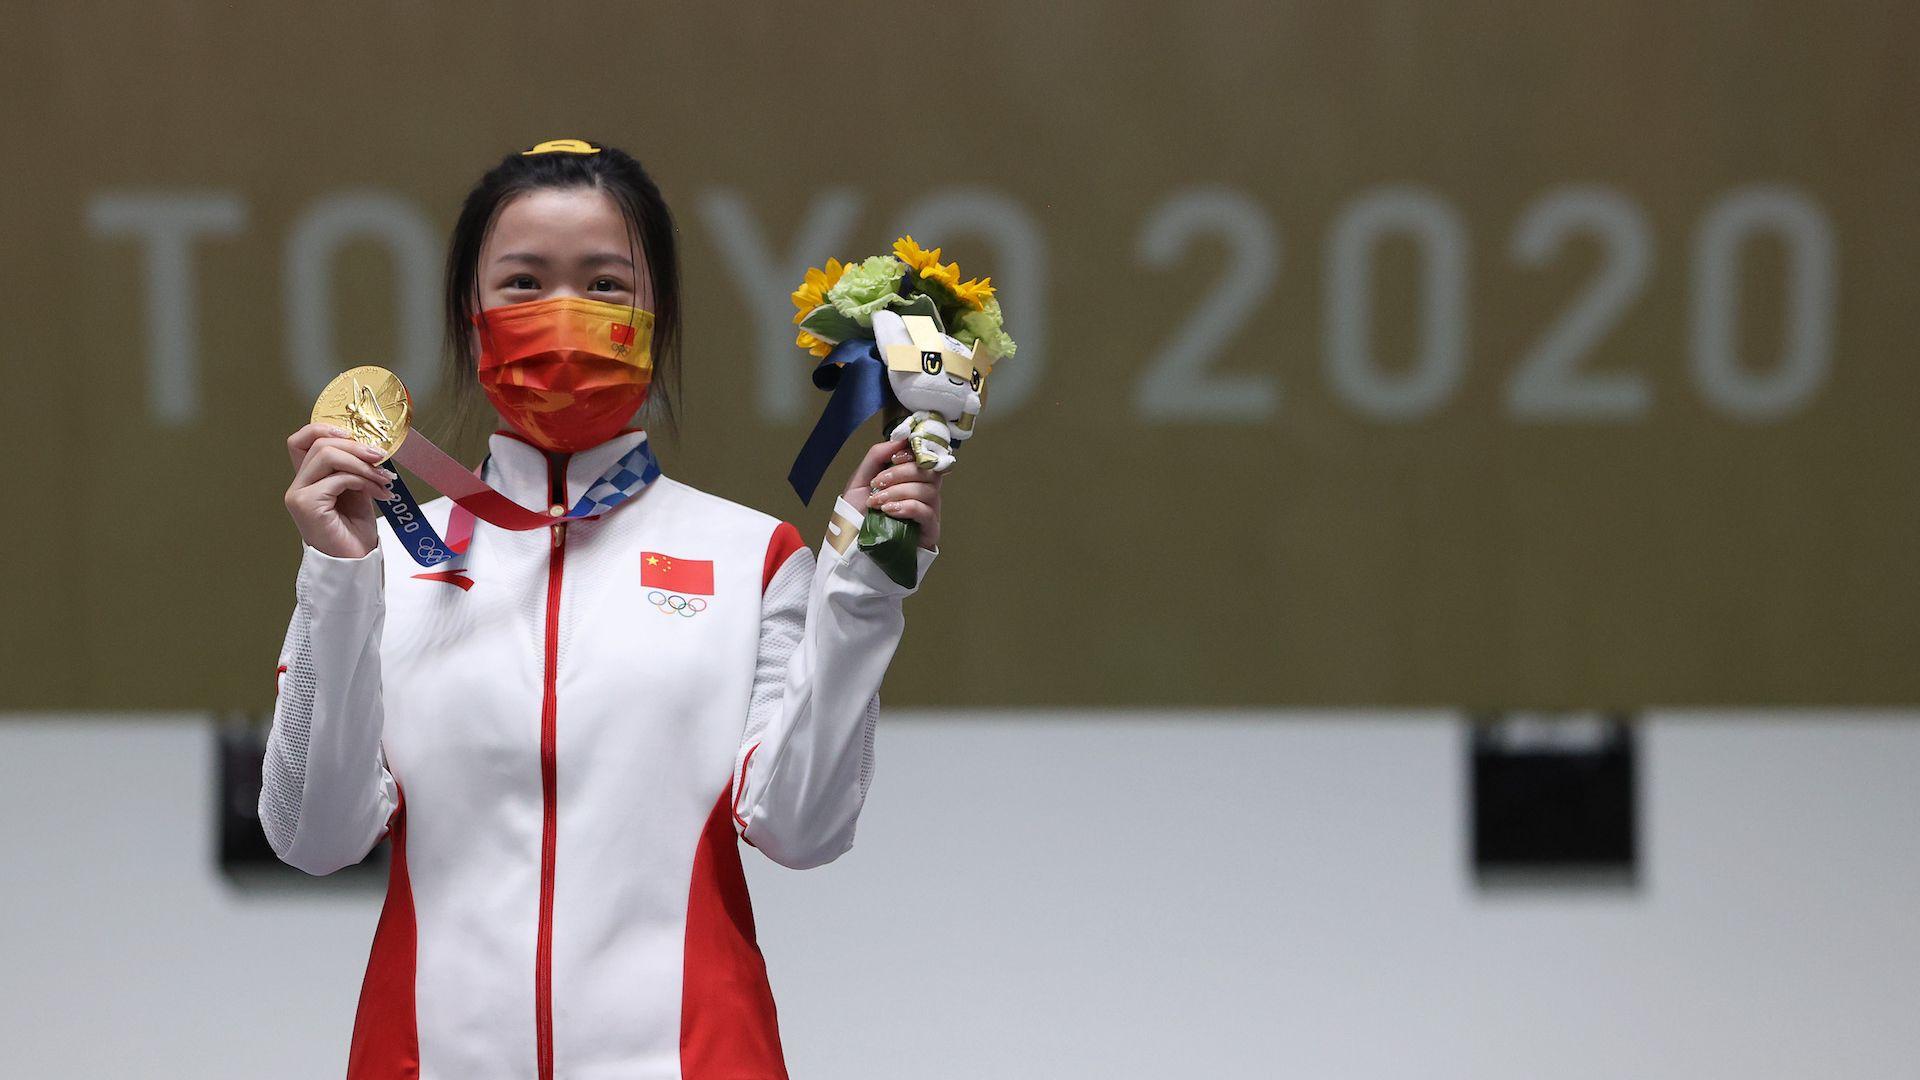 Първото олимпийско злато на Игрите в Токио е за Китай